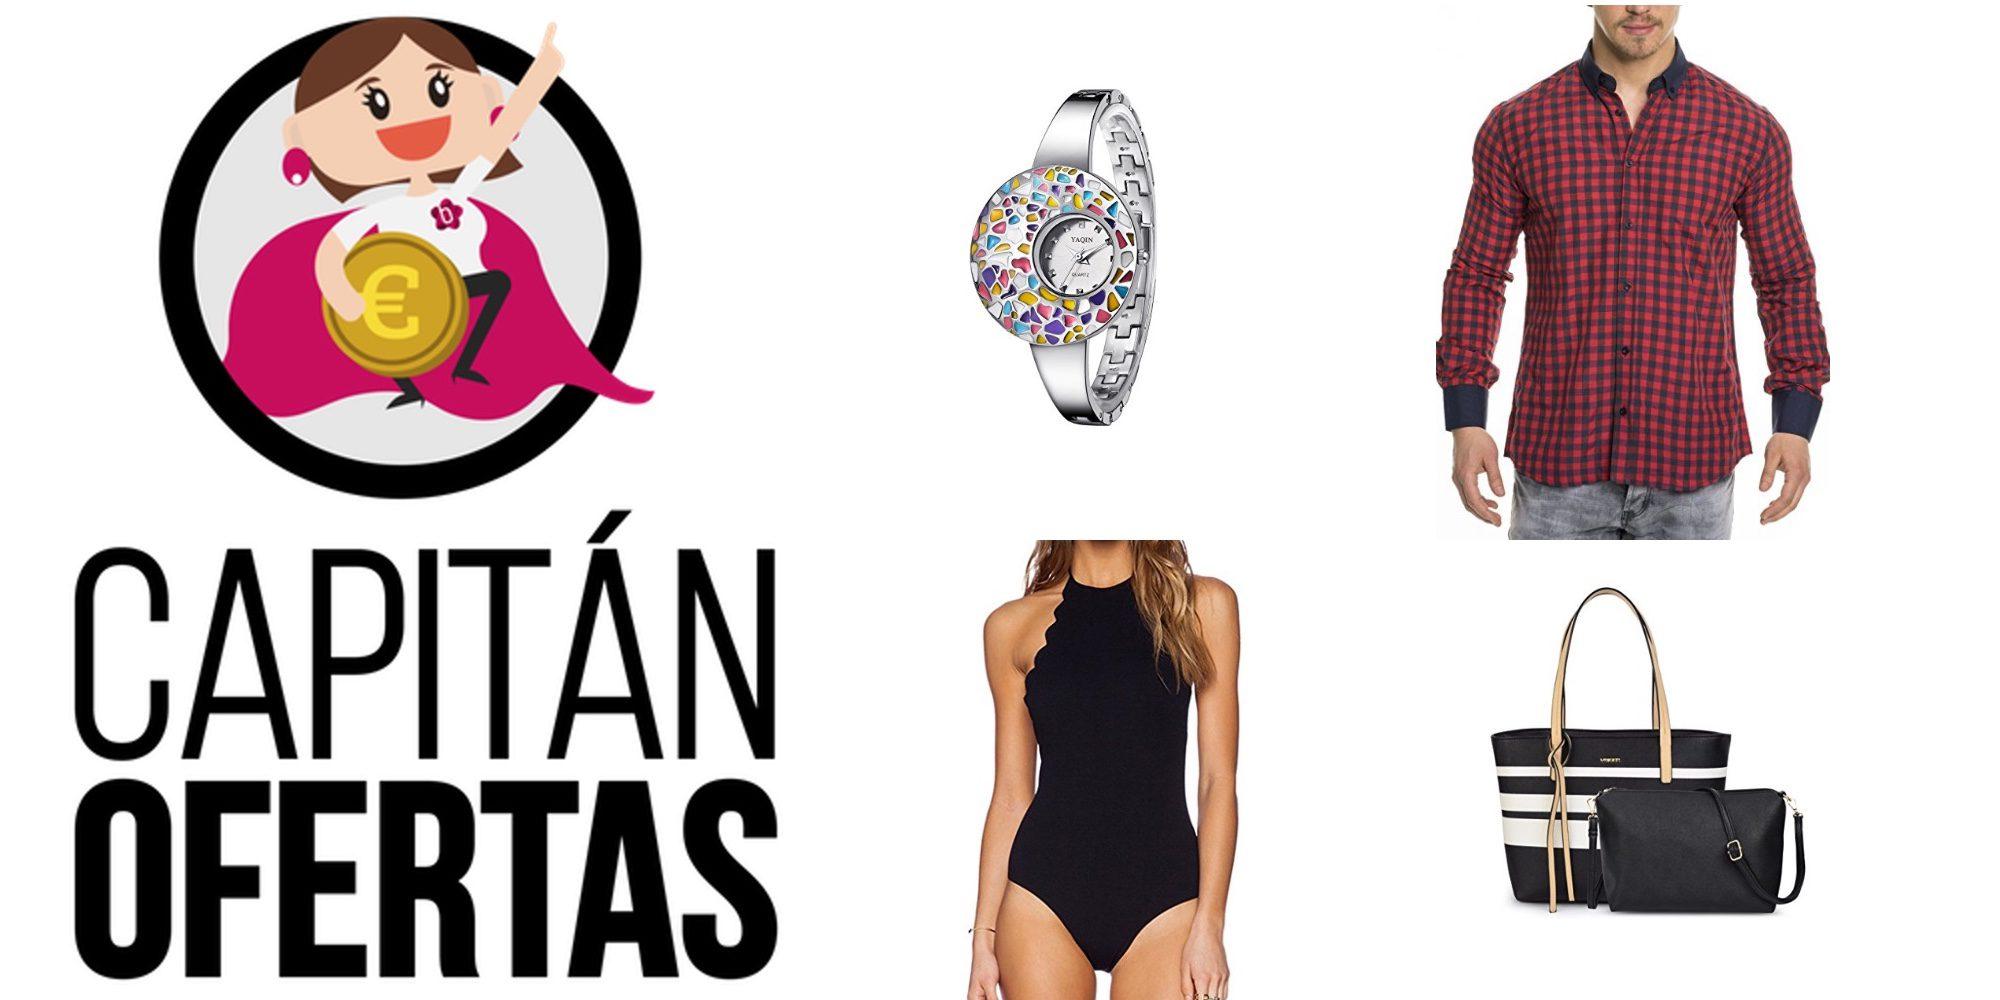 Las mejores ofertas en moda y complementos de la semana